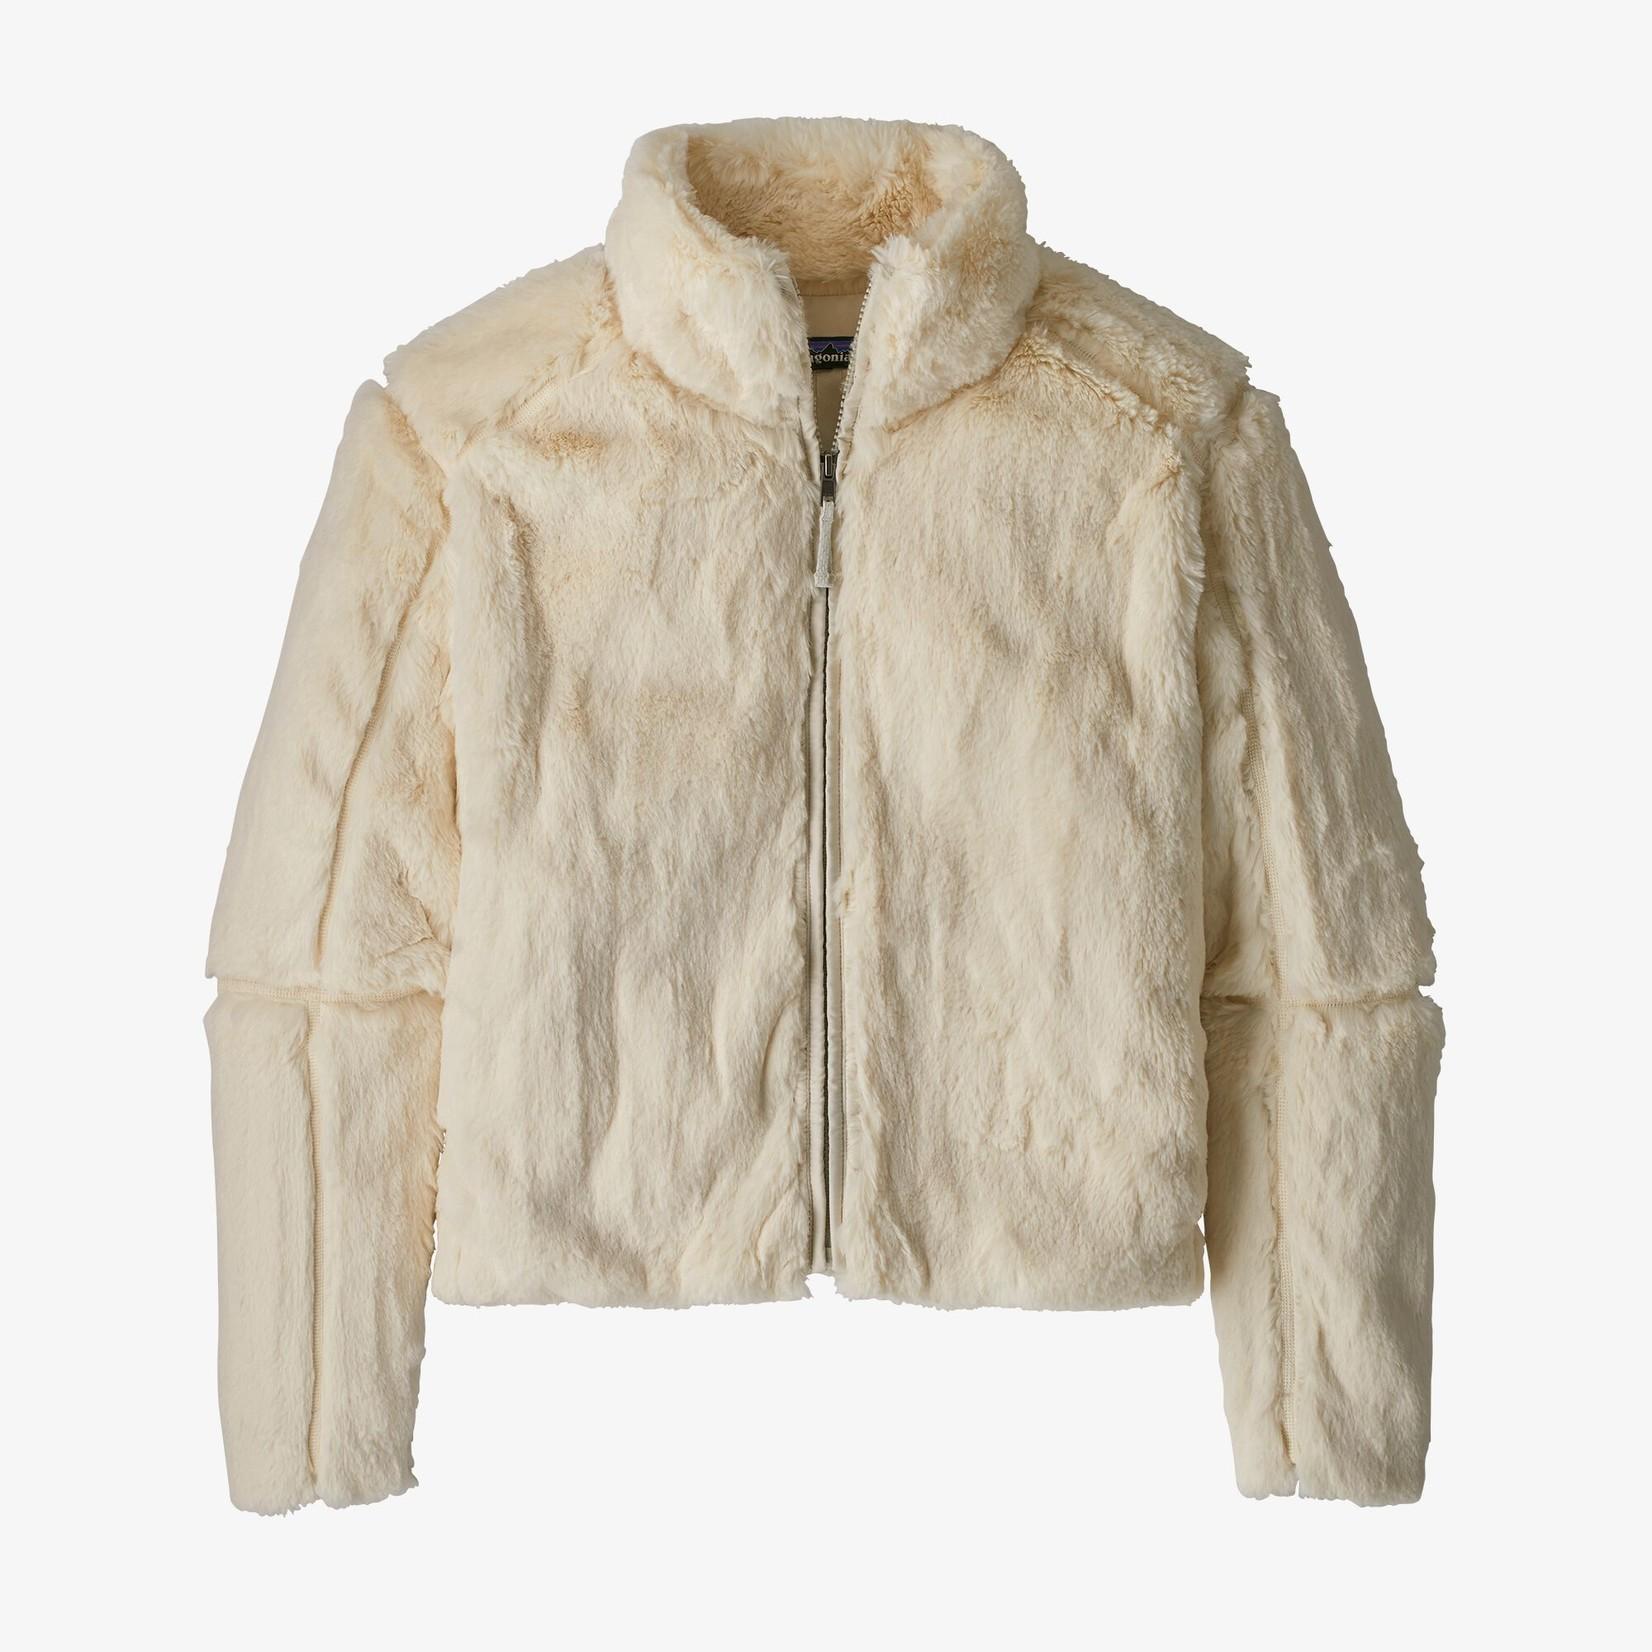 Patagonia Patagonia Women's Lunar Frost Jacket